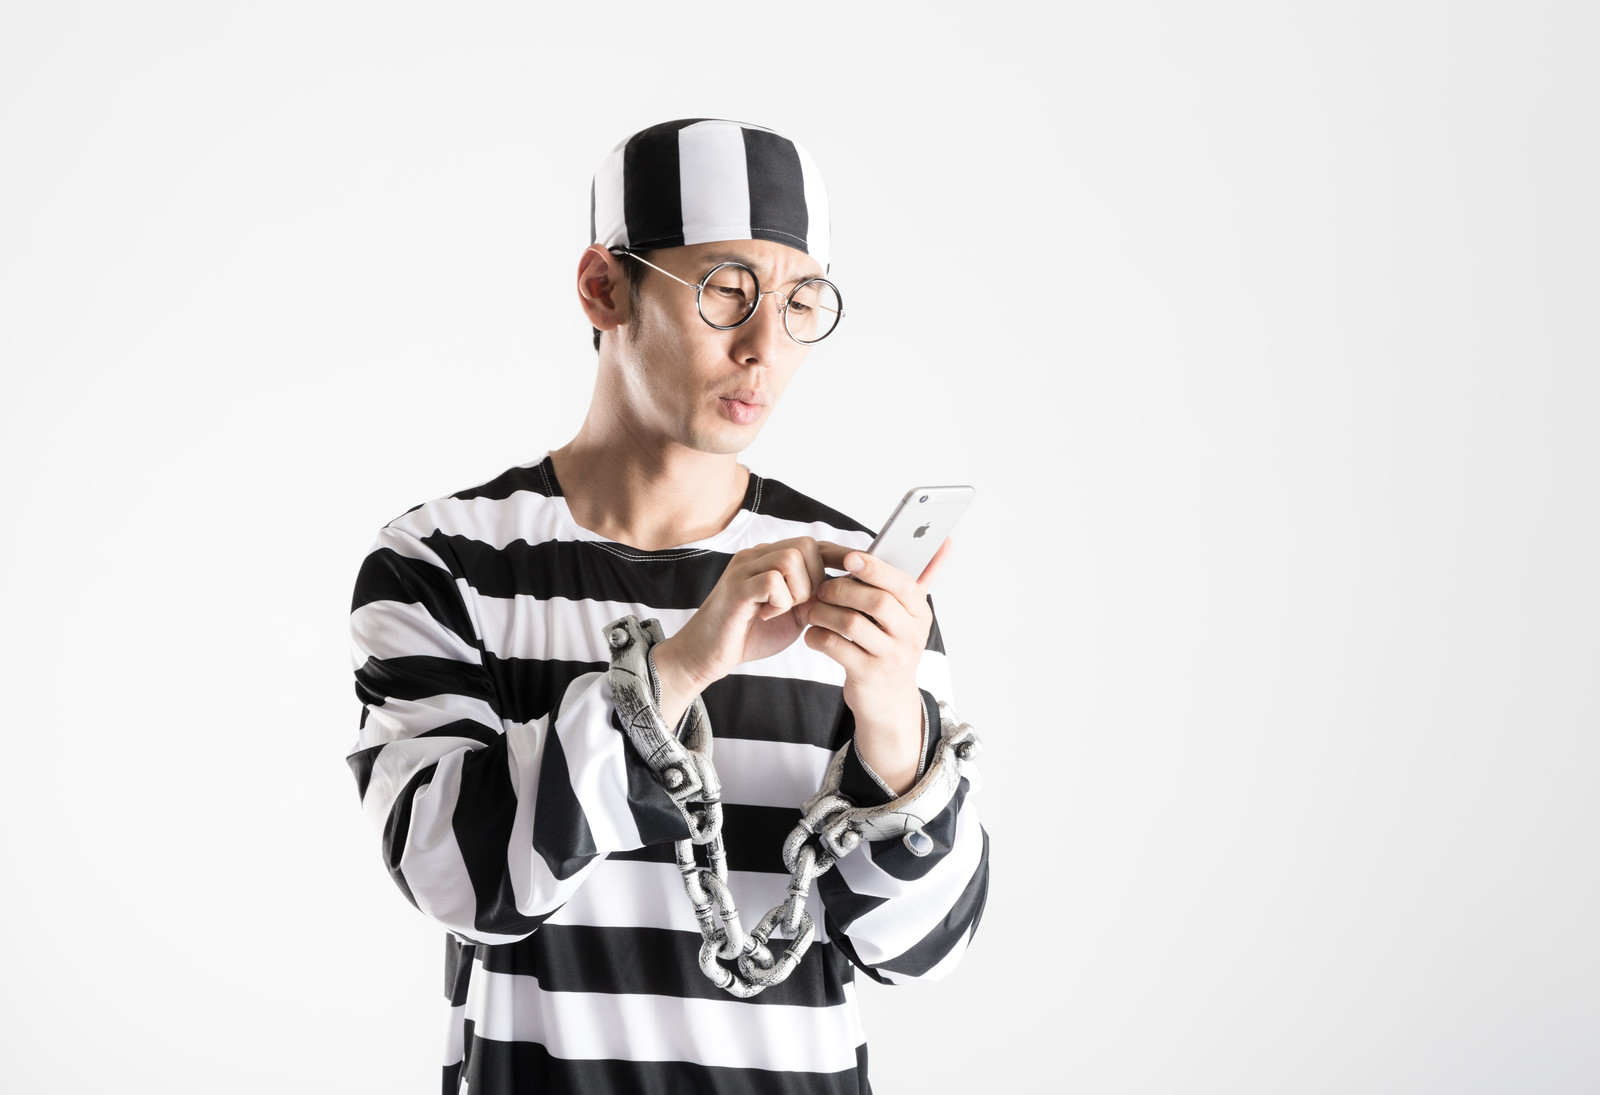 「「刑務所なう」とつぶやく囚人」の写真[モデル:大川竜弥]